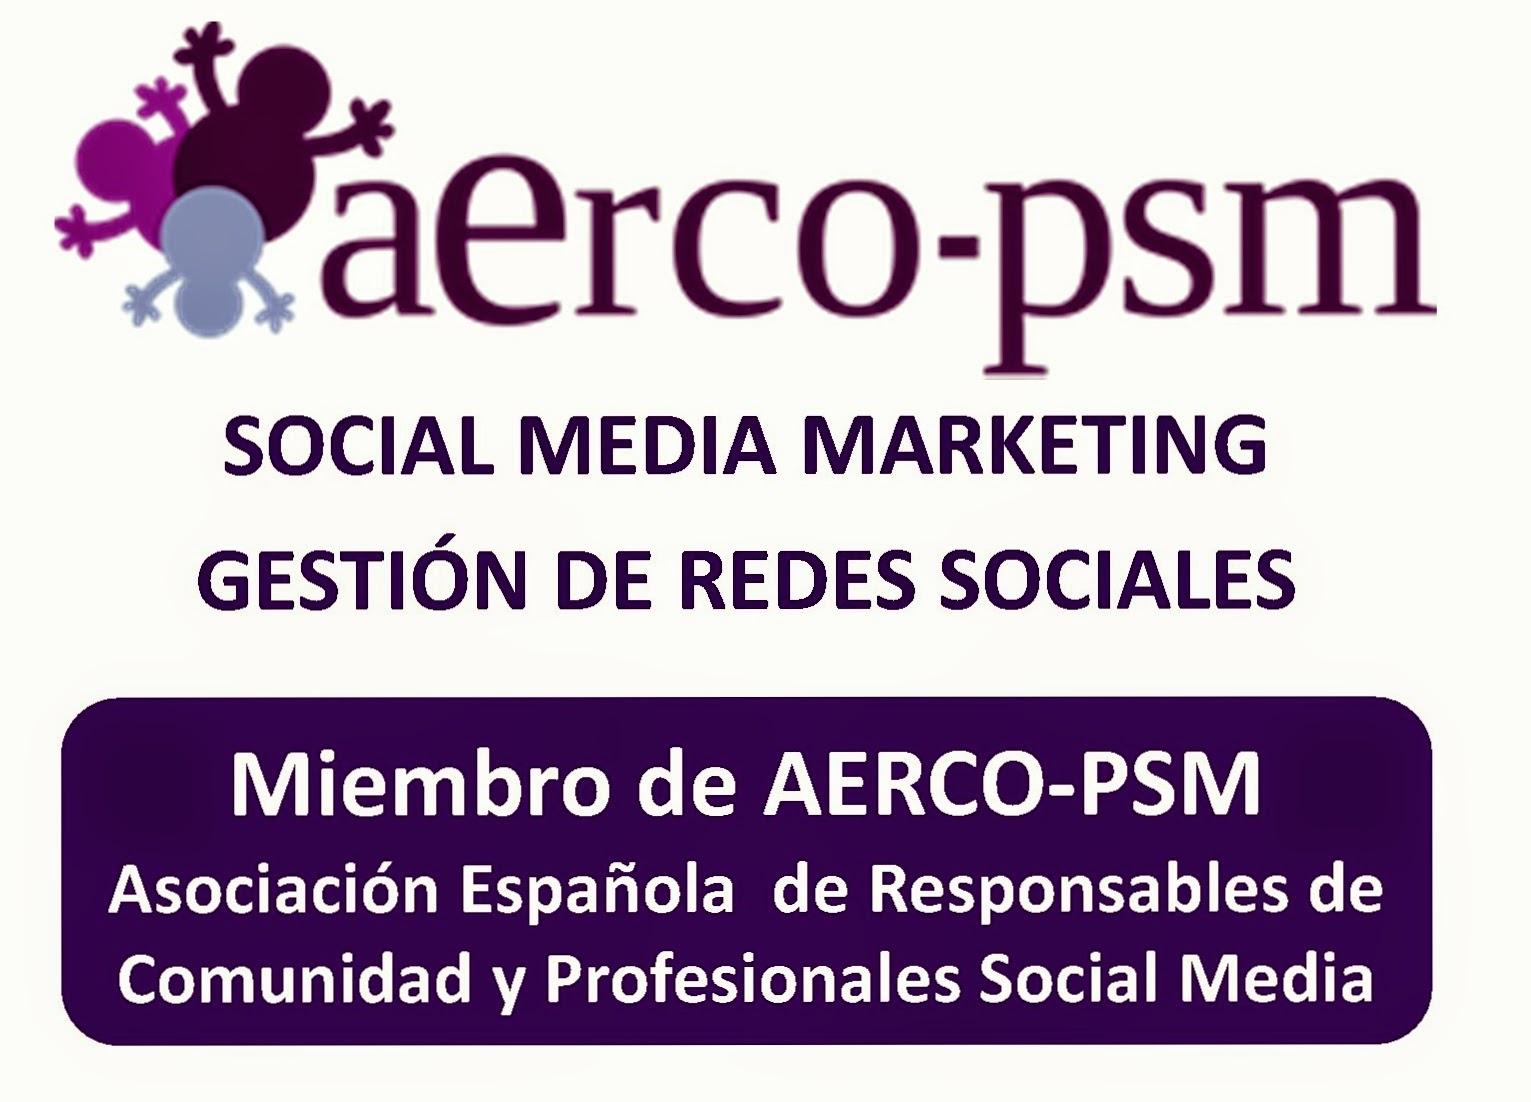 Socio de AERCO-PSM